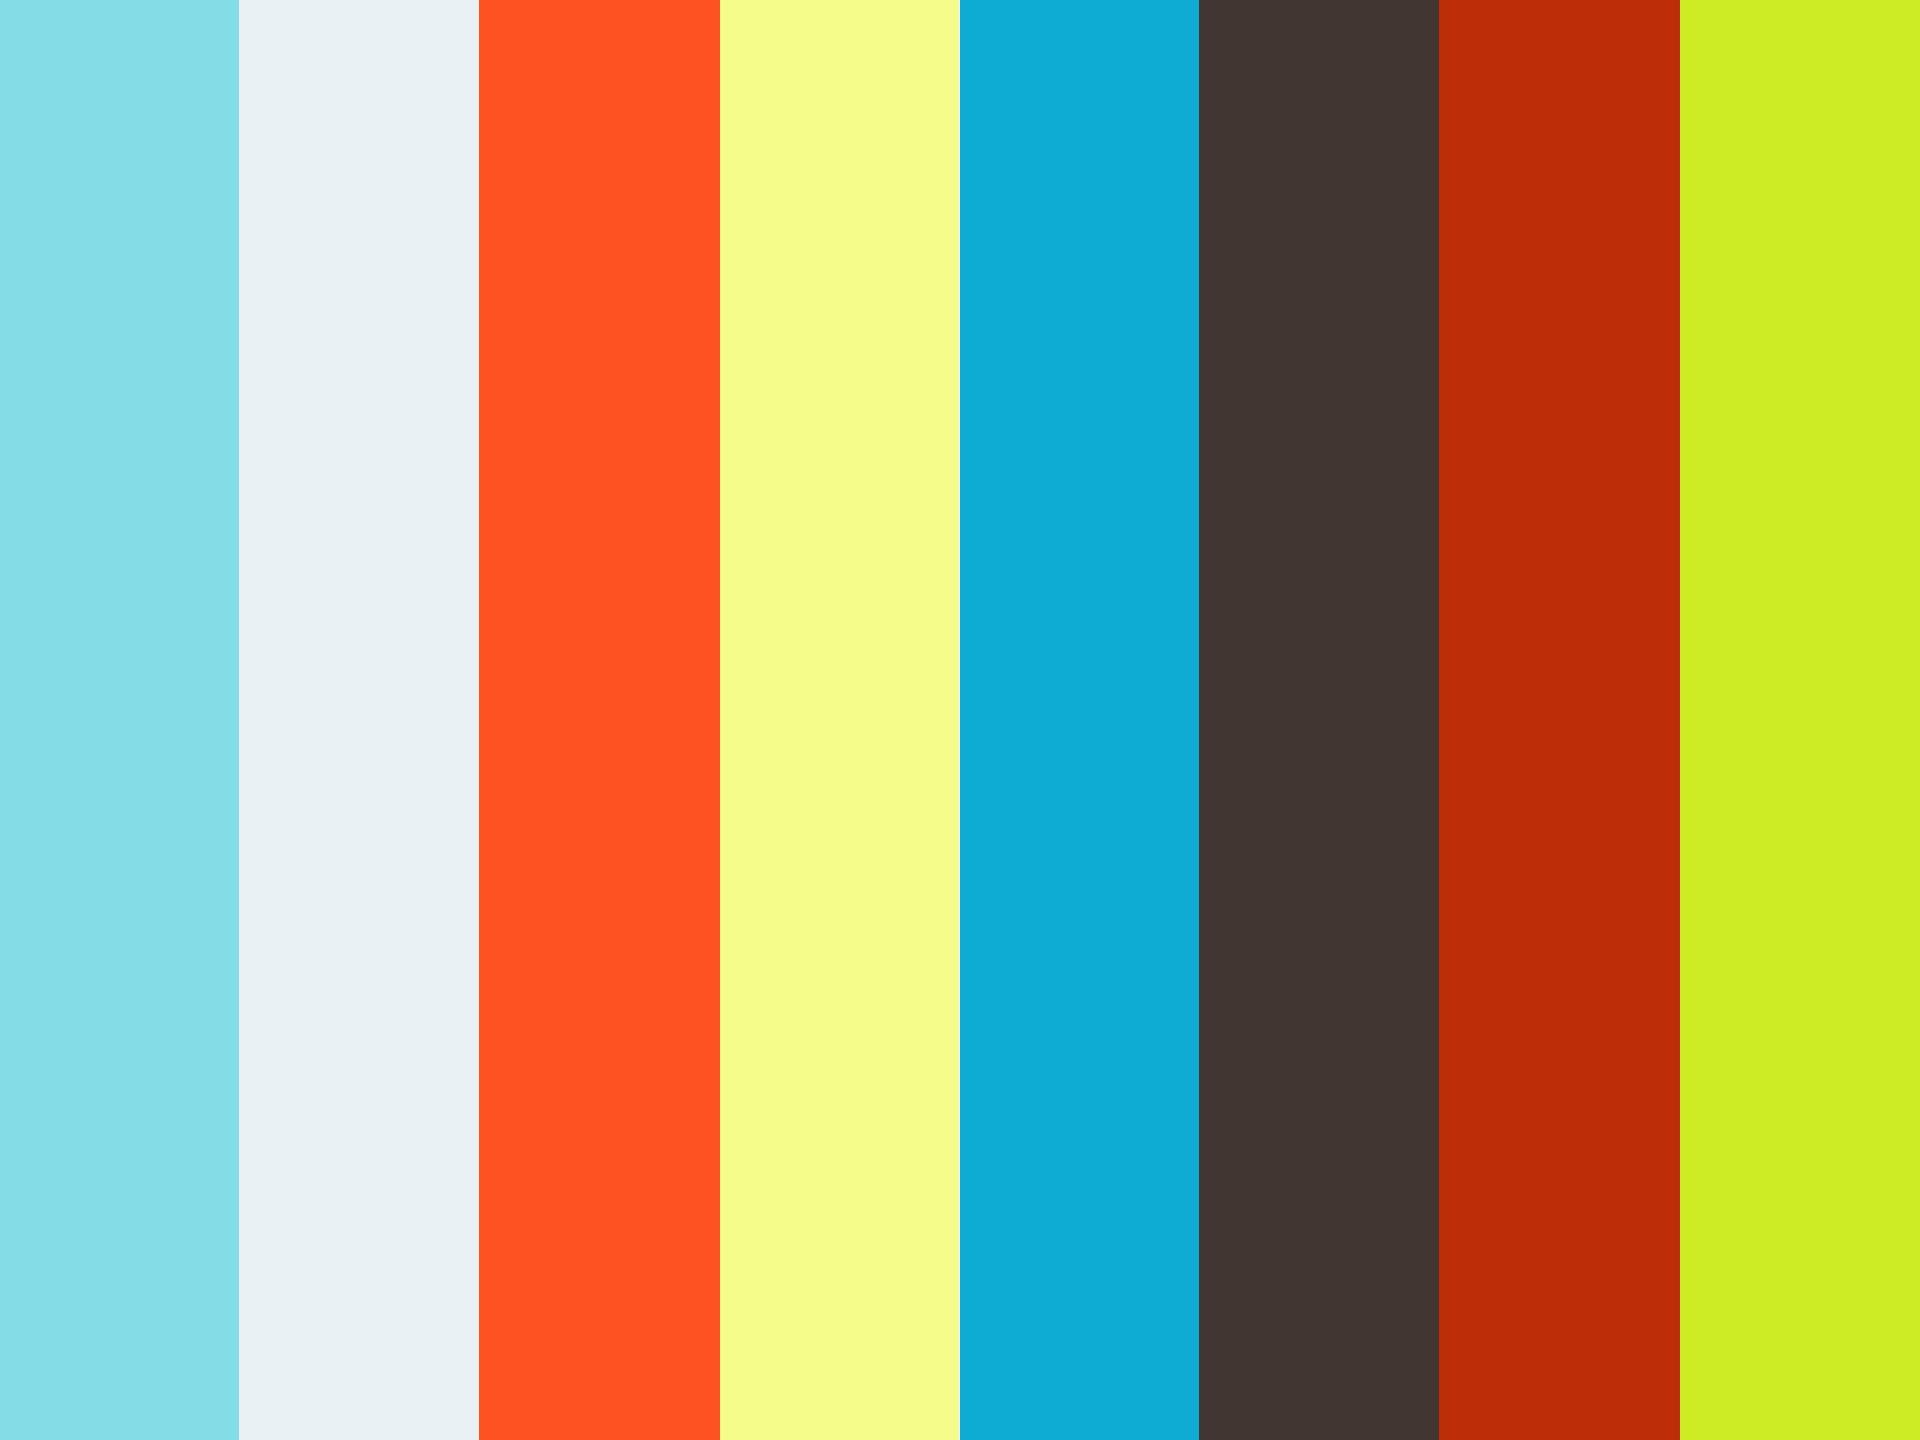 「コンポジットレジンのレイヤリングテクニック」宮崎真至先生クリニカル・カンファレンス